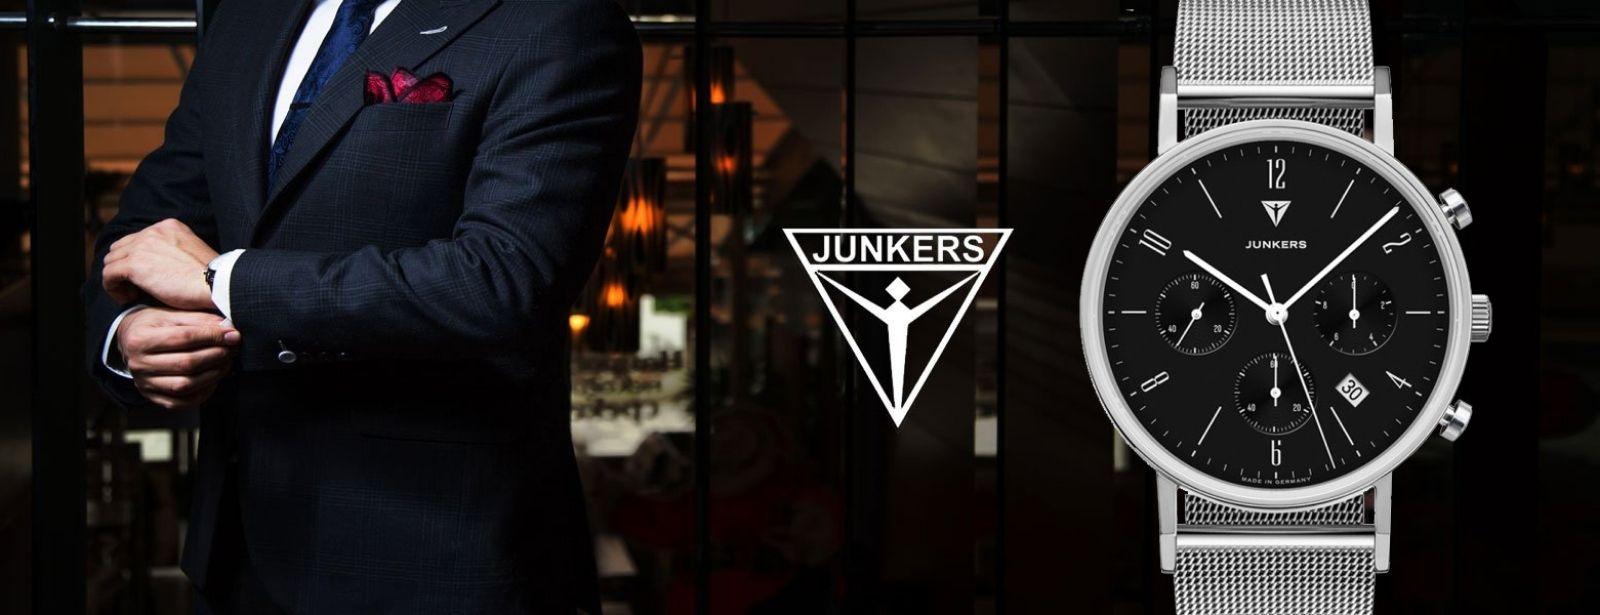 Nejnovější kolekce legendárních hodinek Junkers